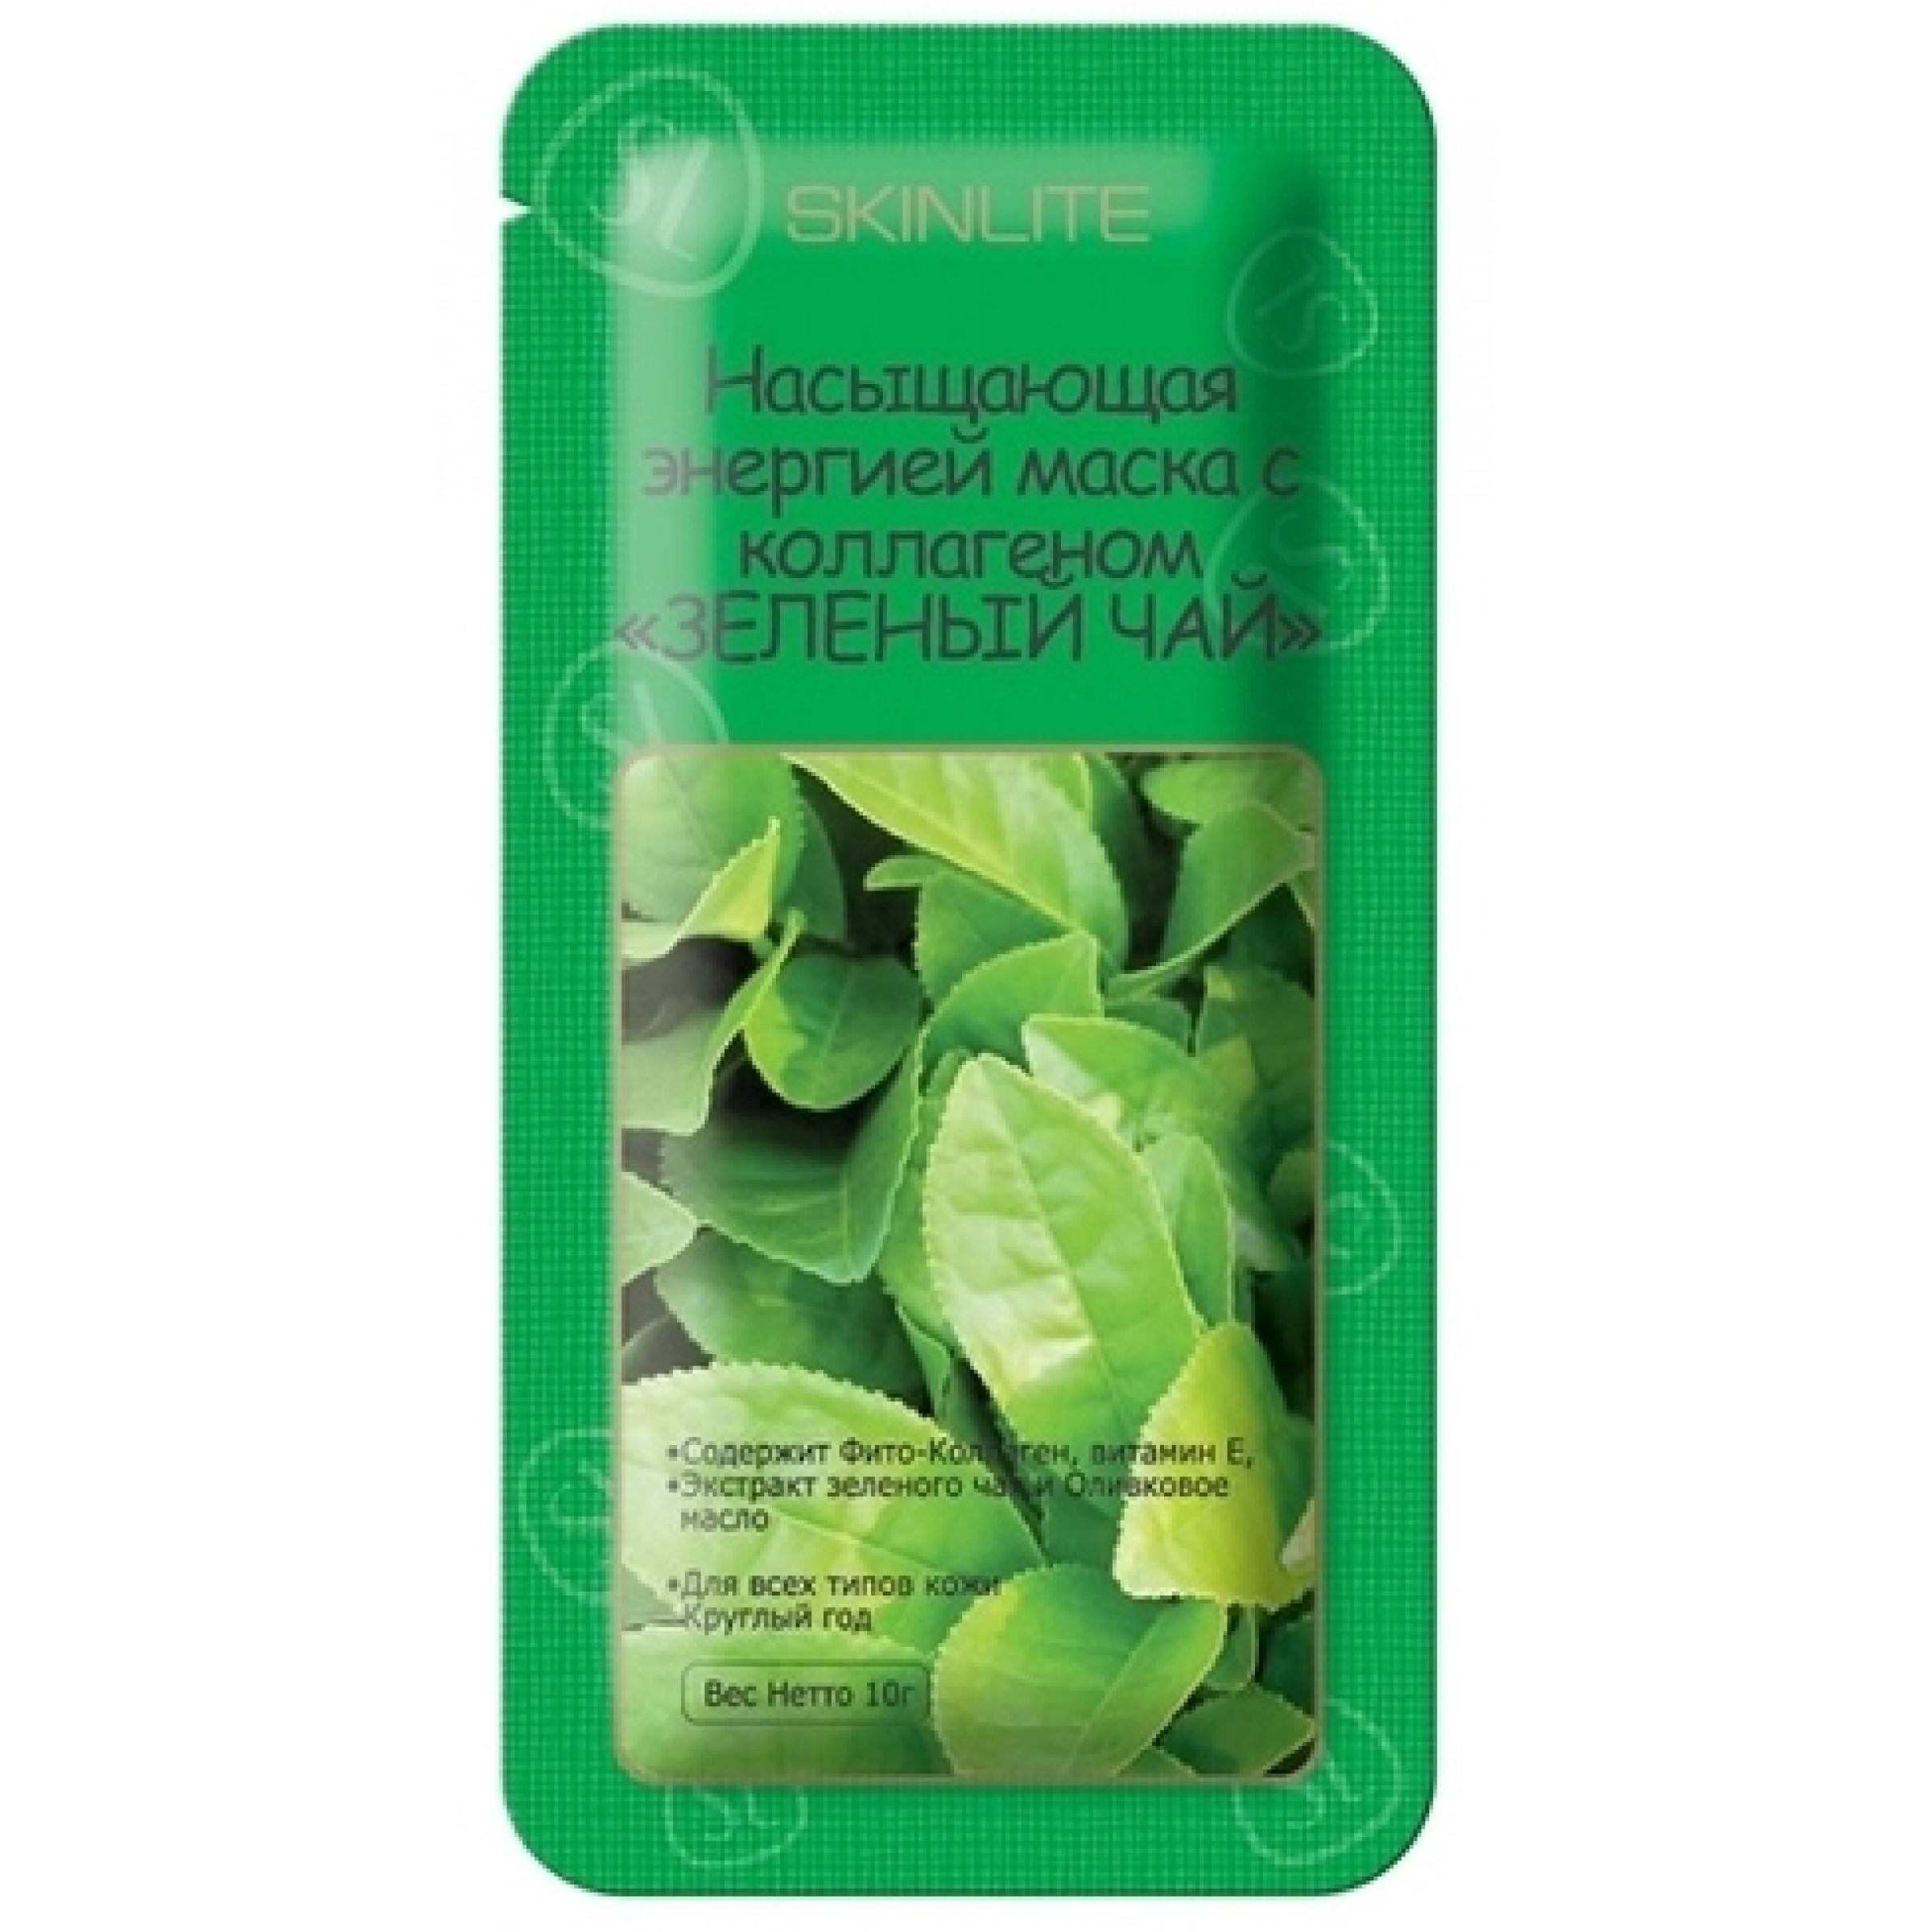 Skinlite Маска косметическая Зеленый чай, насыщающая энергией, с коллагеном, 1 шт